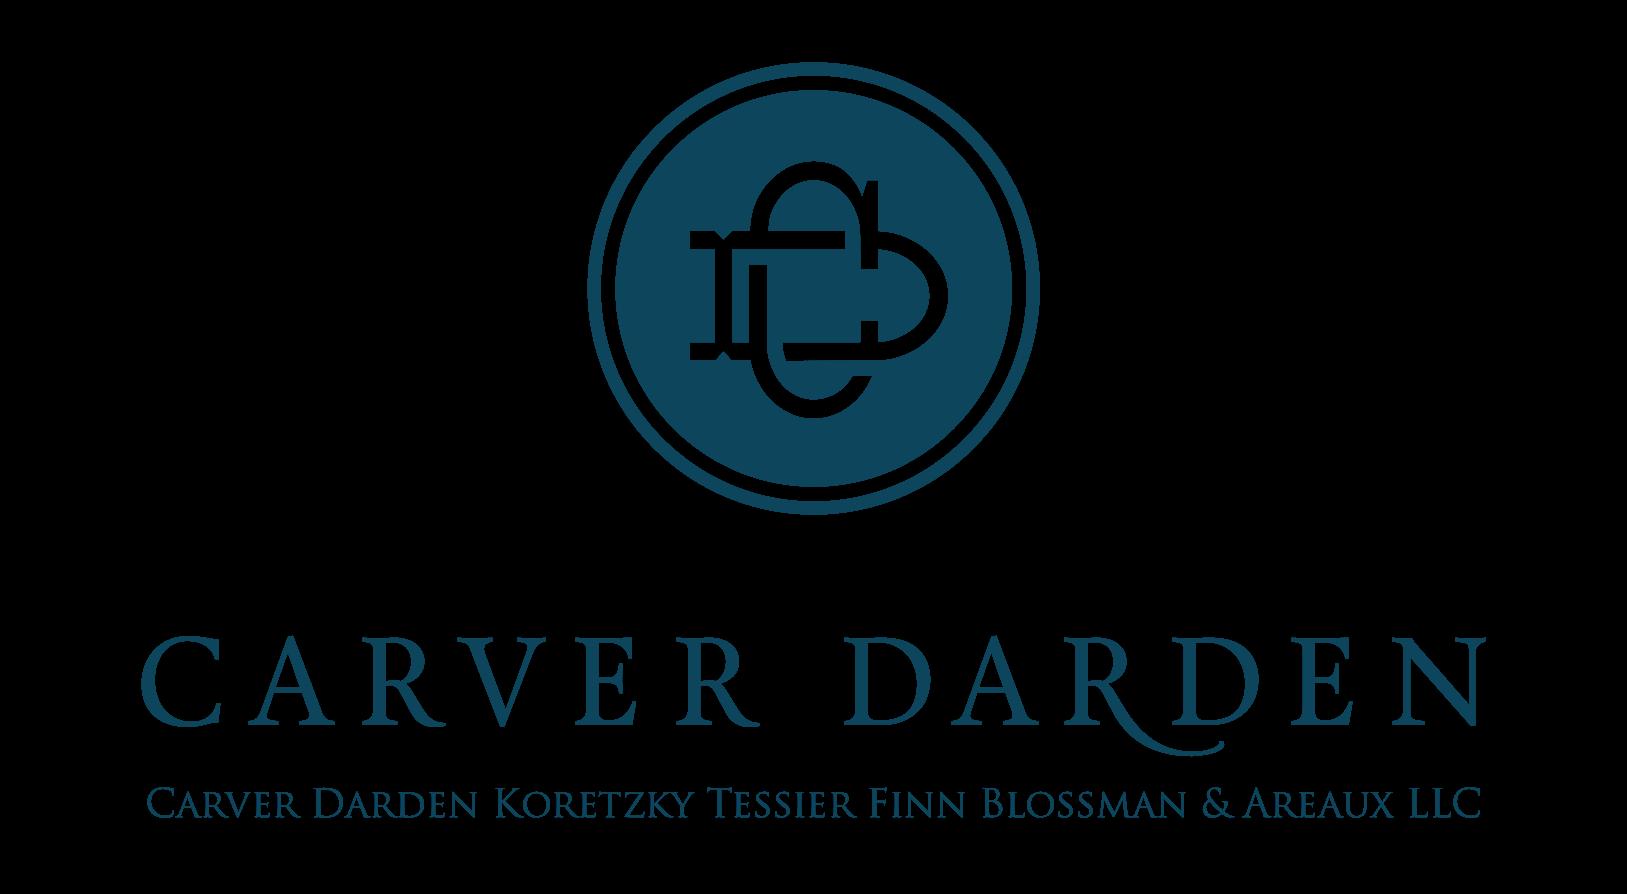 carverdarden-logo-cmyk-full-name-web-2.png